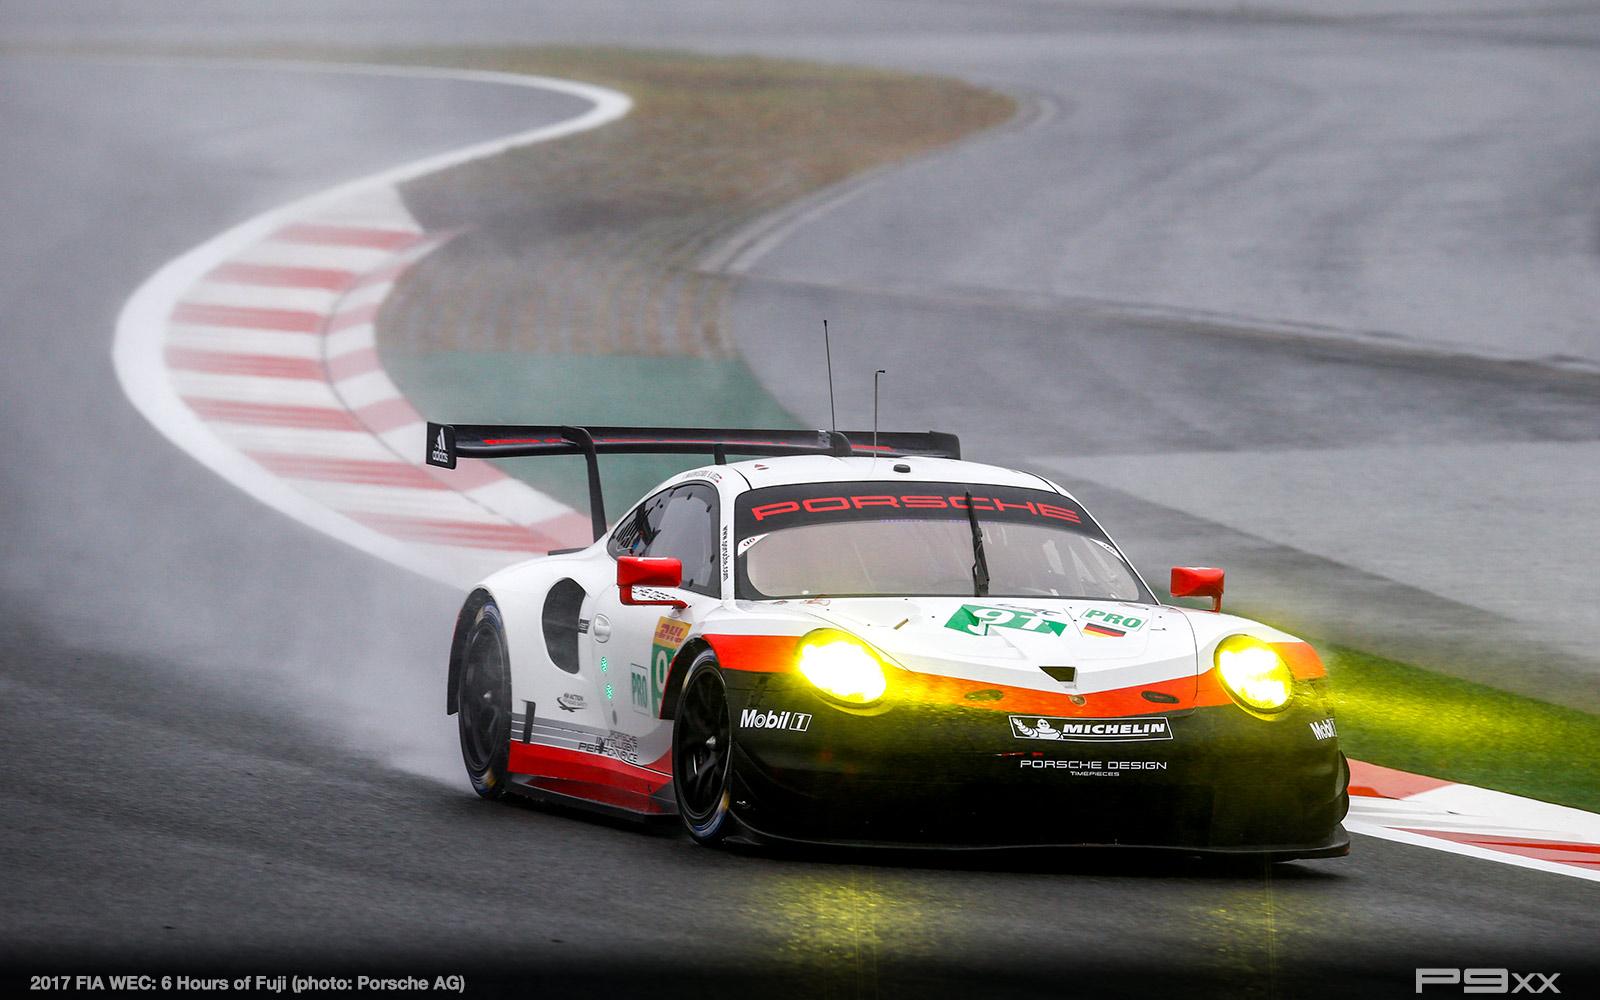 2017-FIA-WEC-6h-of-Fuji-Porsche-358